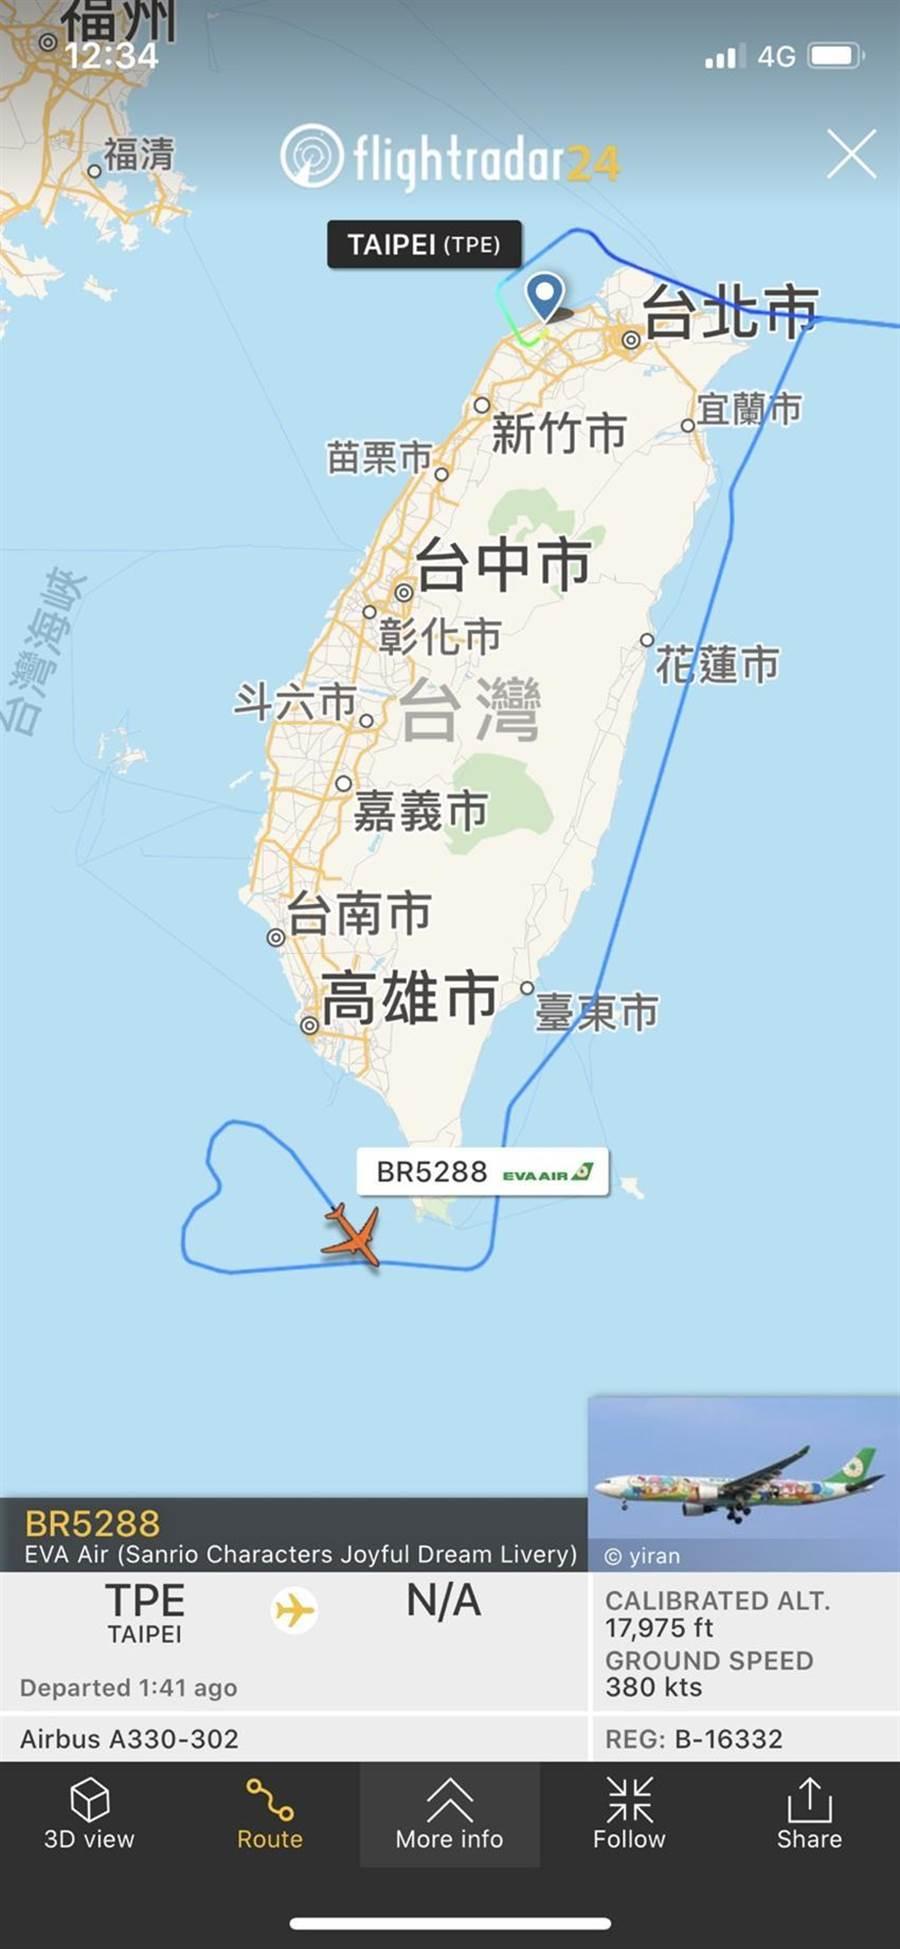 (長榮航選在父親節「類出國」,長榮航空A330機隊總機長李孔傑特別在小琉球返航時畫出「愛心航路」。圖/翻攝網路)